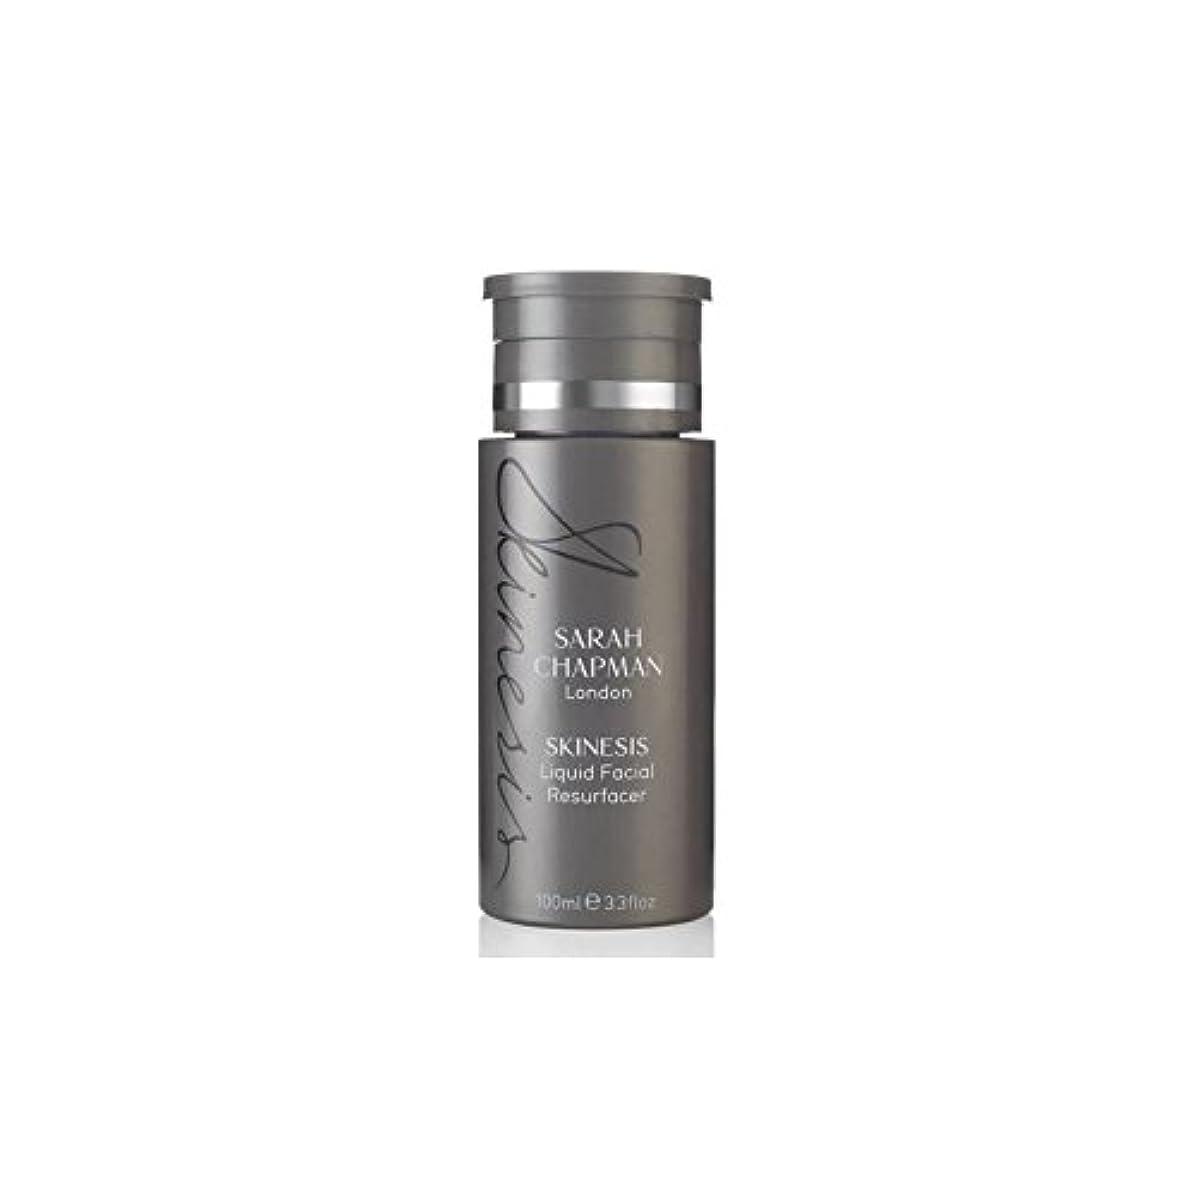 浸したコーデリアバターサラチャップマン液体顔(100)に x4 - Sarah Chapman Skinesis Liquid Facial Resurfacer (100ml) (Pack of 4) [並行輸入品]